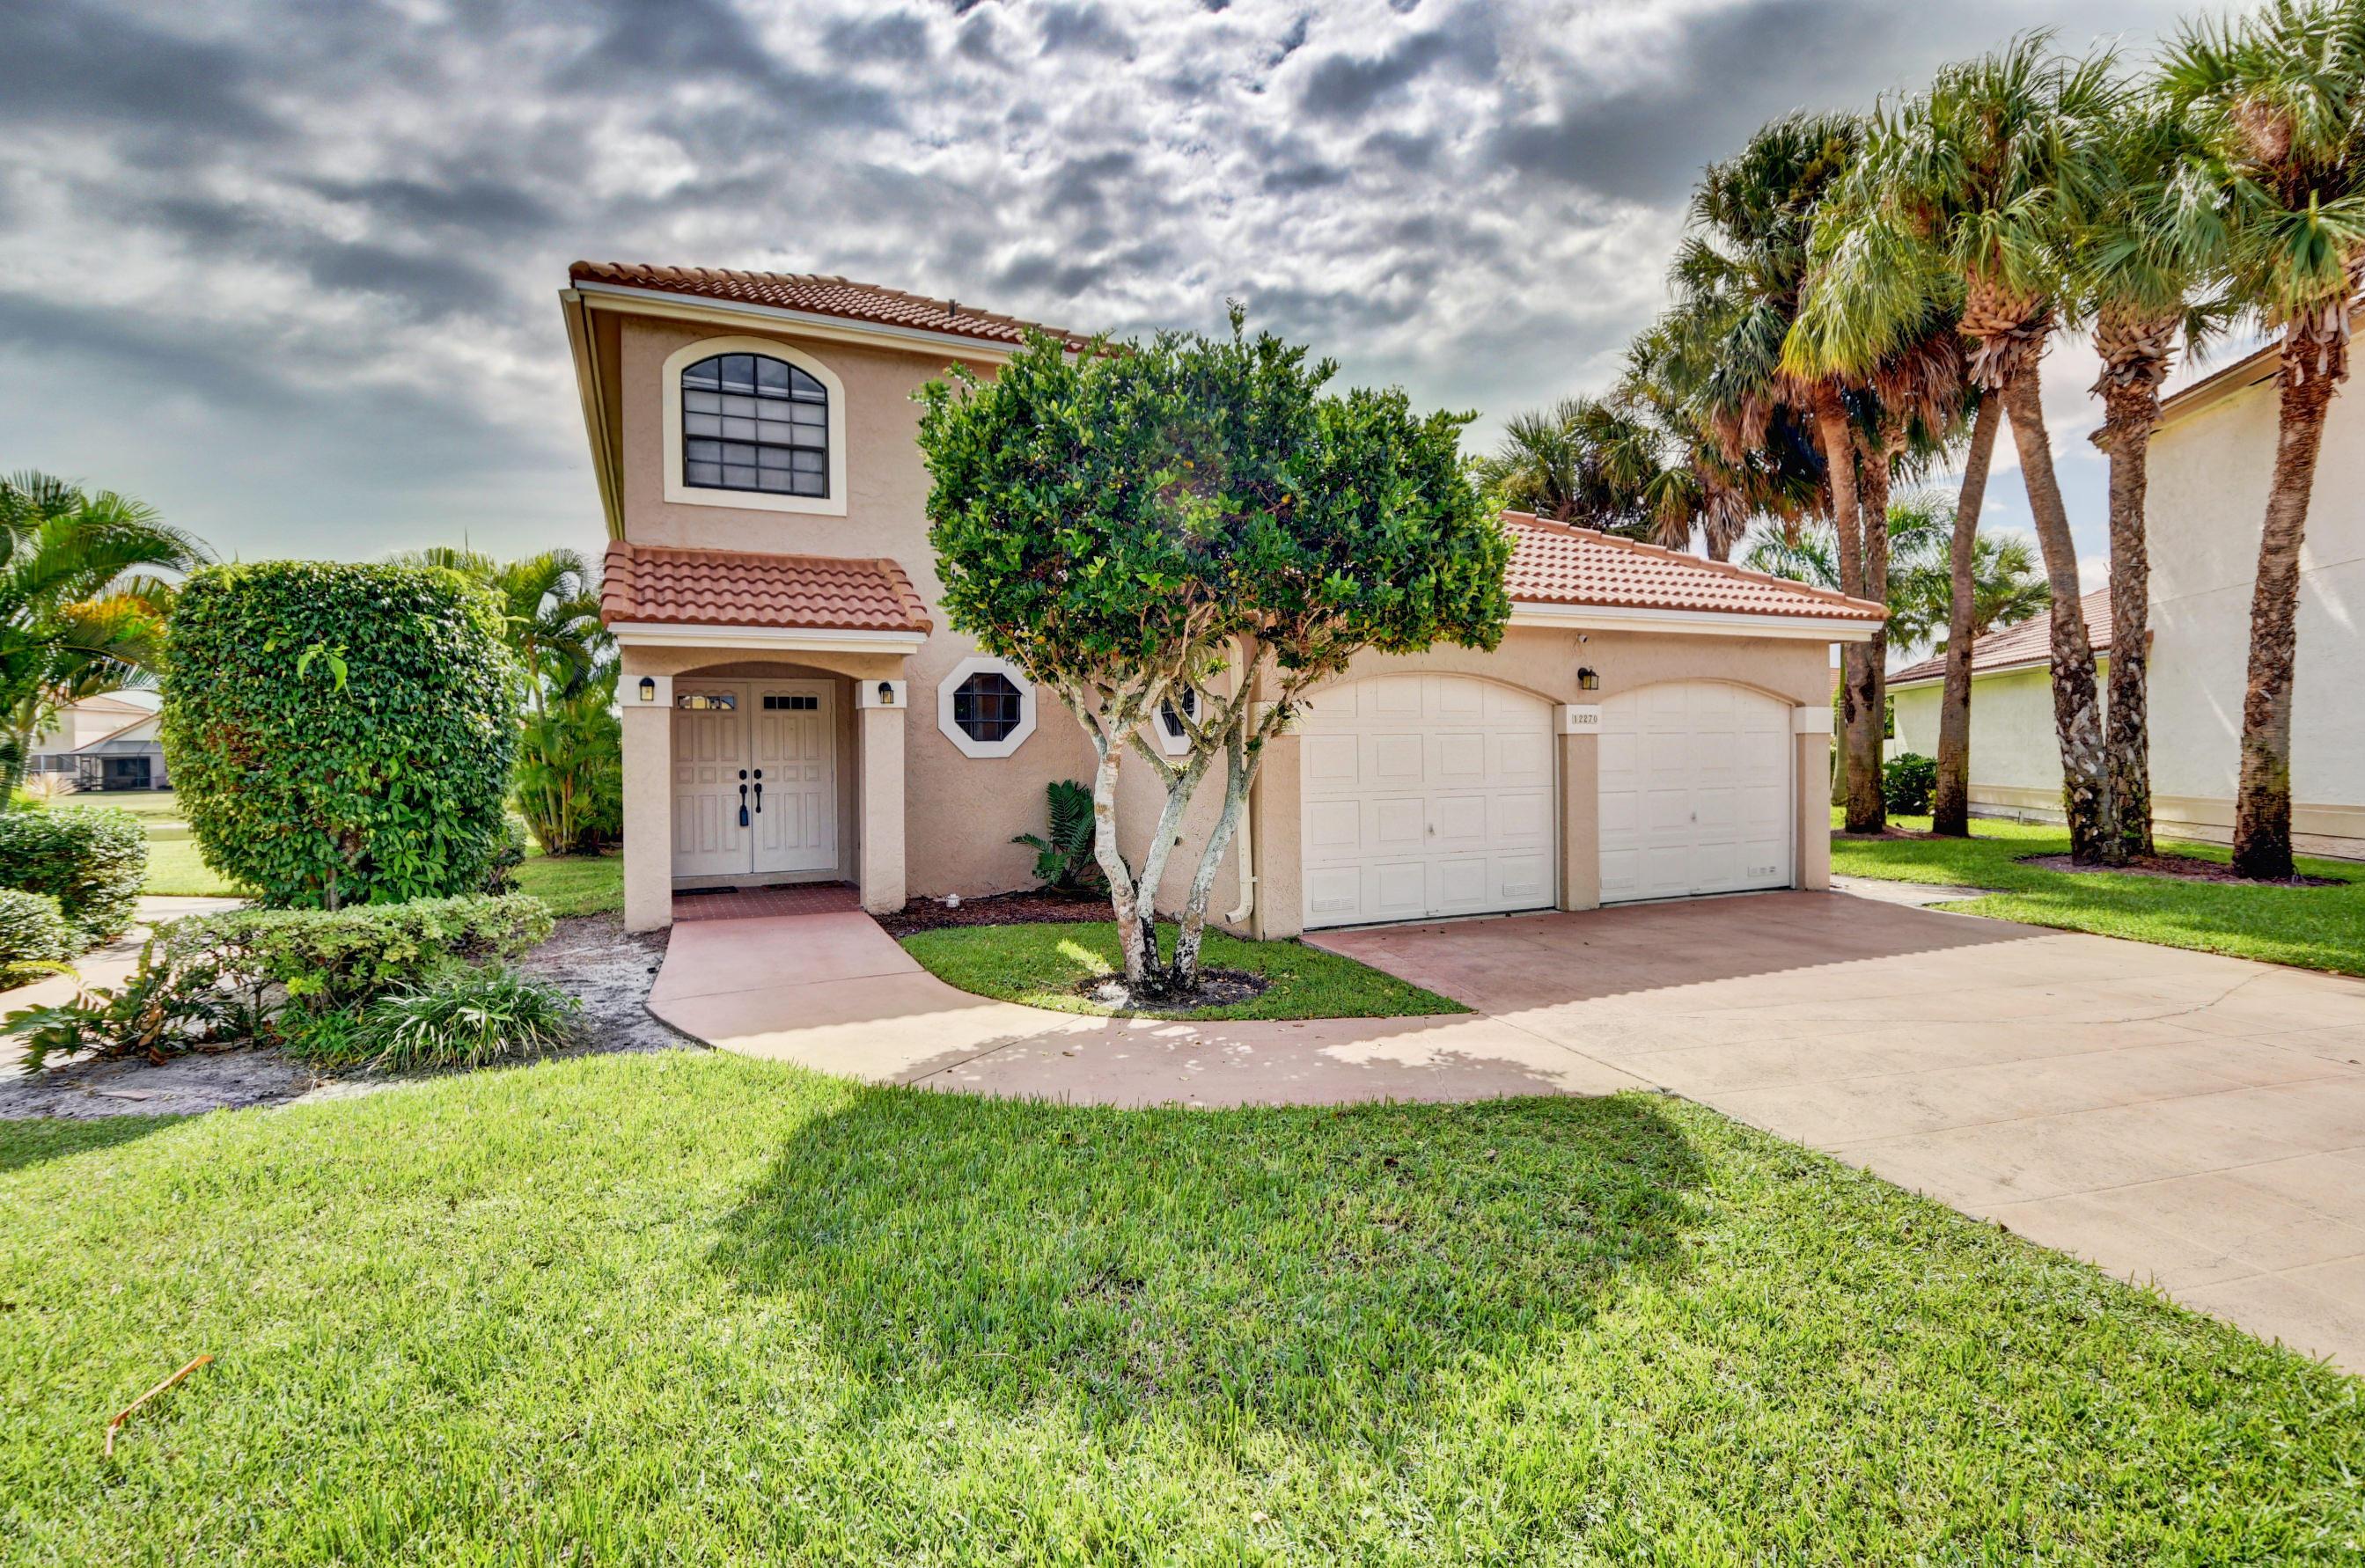 12270 Fairway Pines Drive Boynton Beach, FL 33437